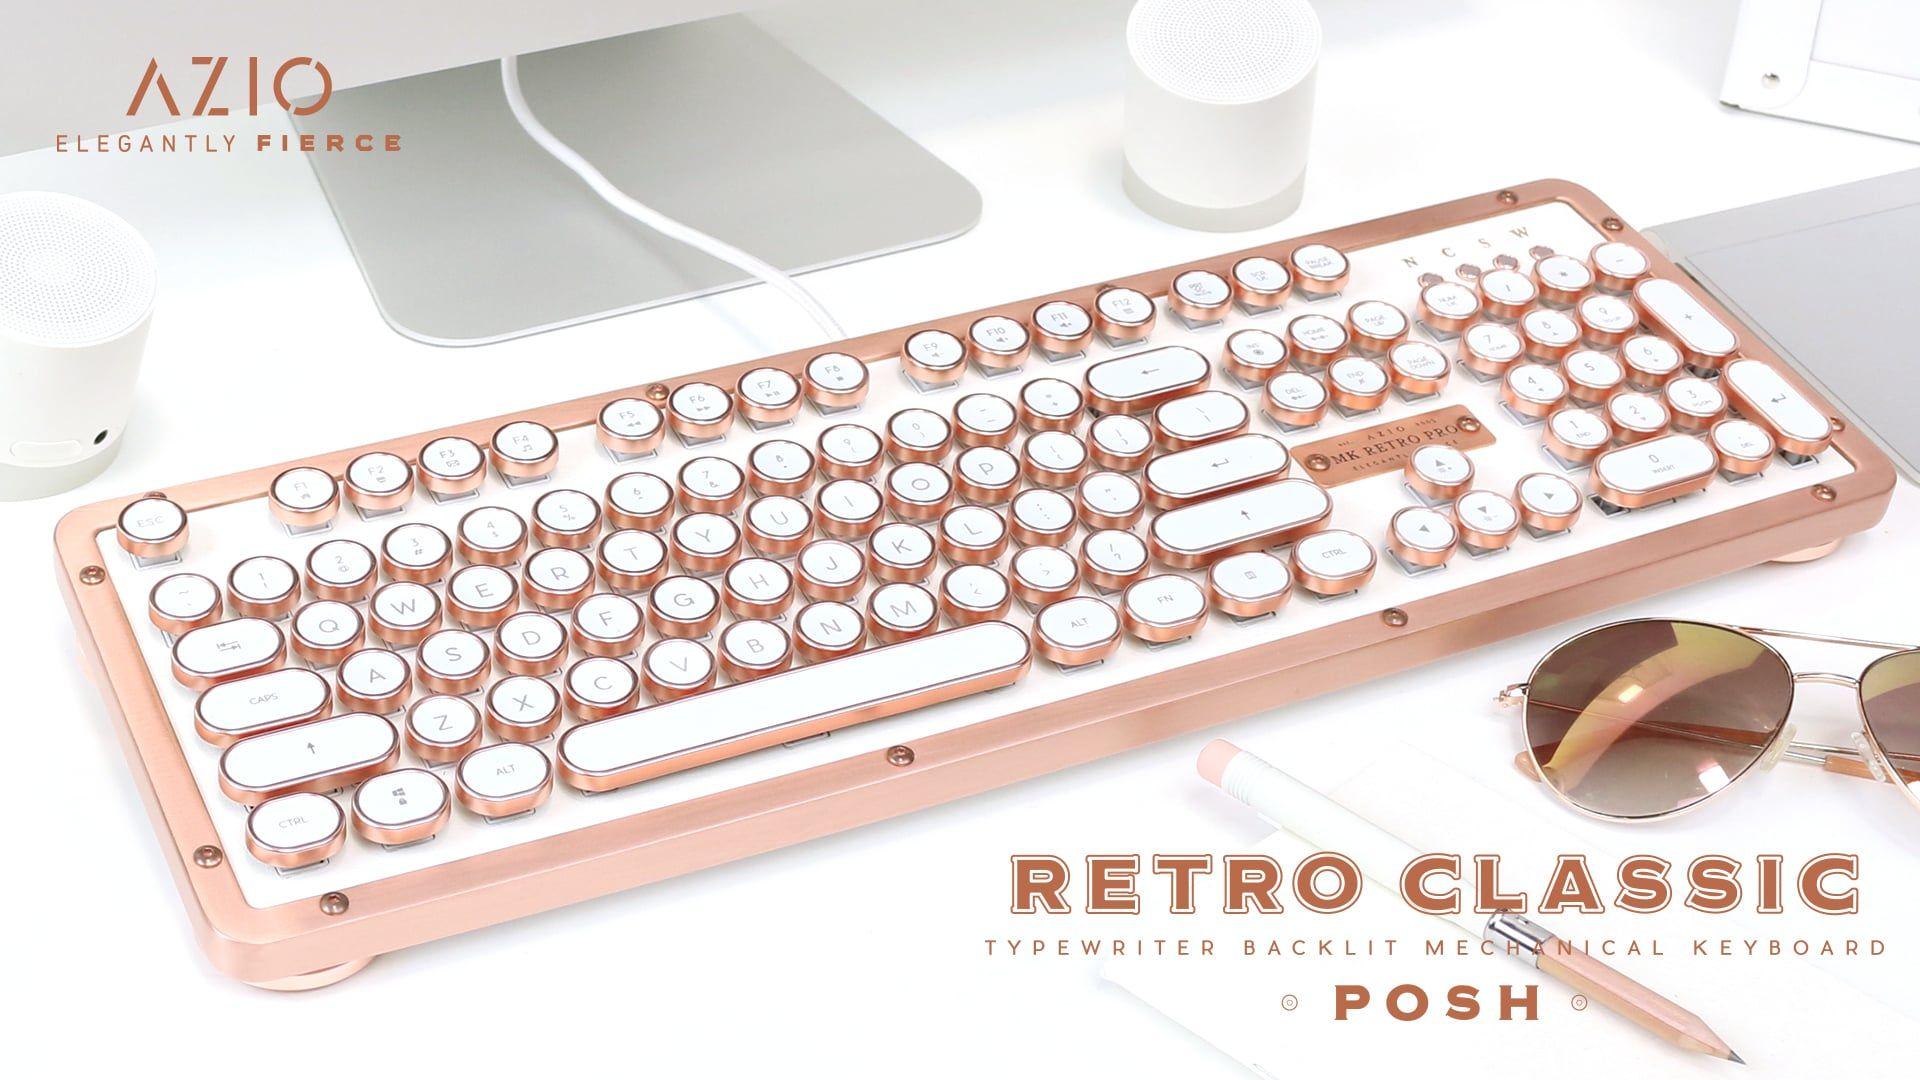 160 Usb Or 190 Bluetooth Azio Retro Classic Keyboard Posh Edition Keyboard Work Office Decor Retro